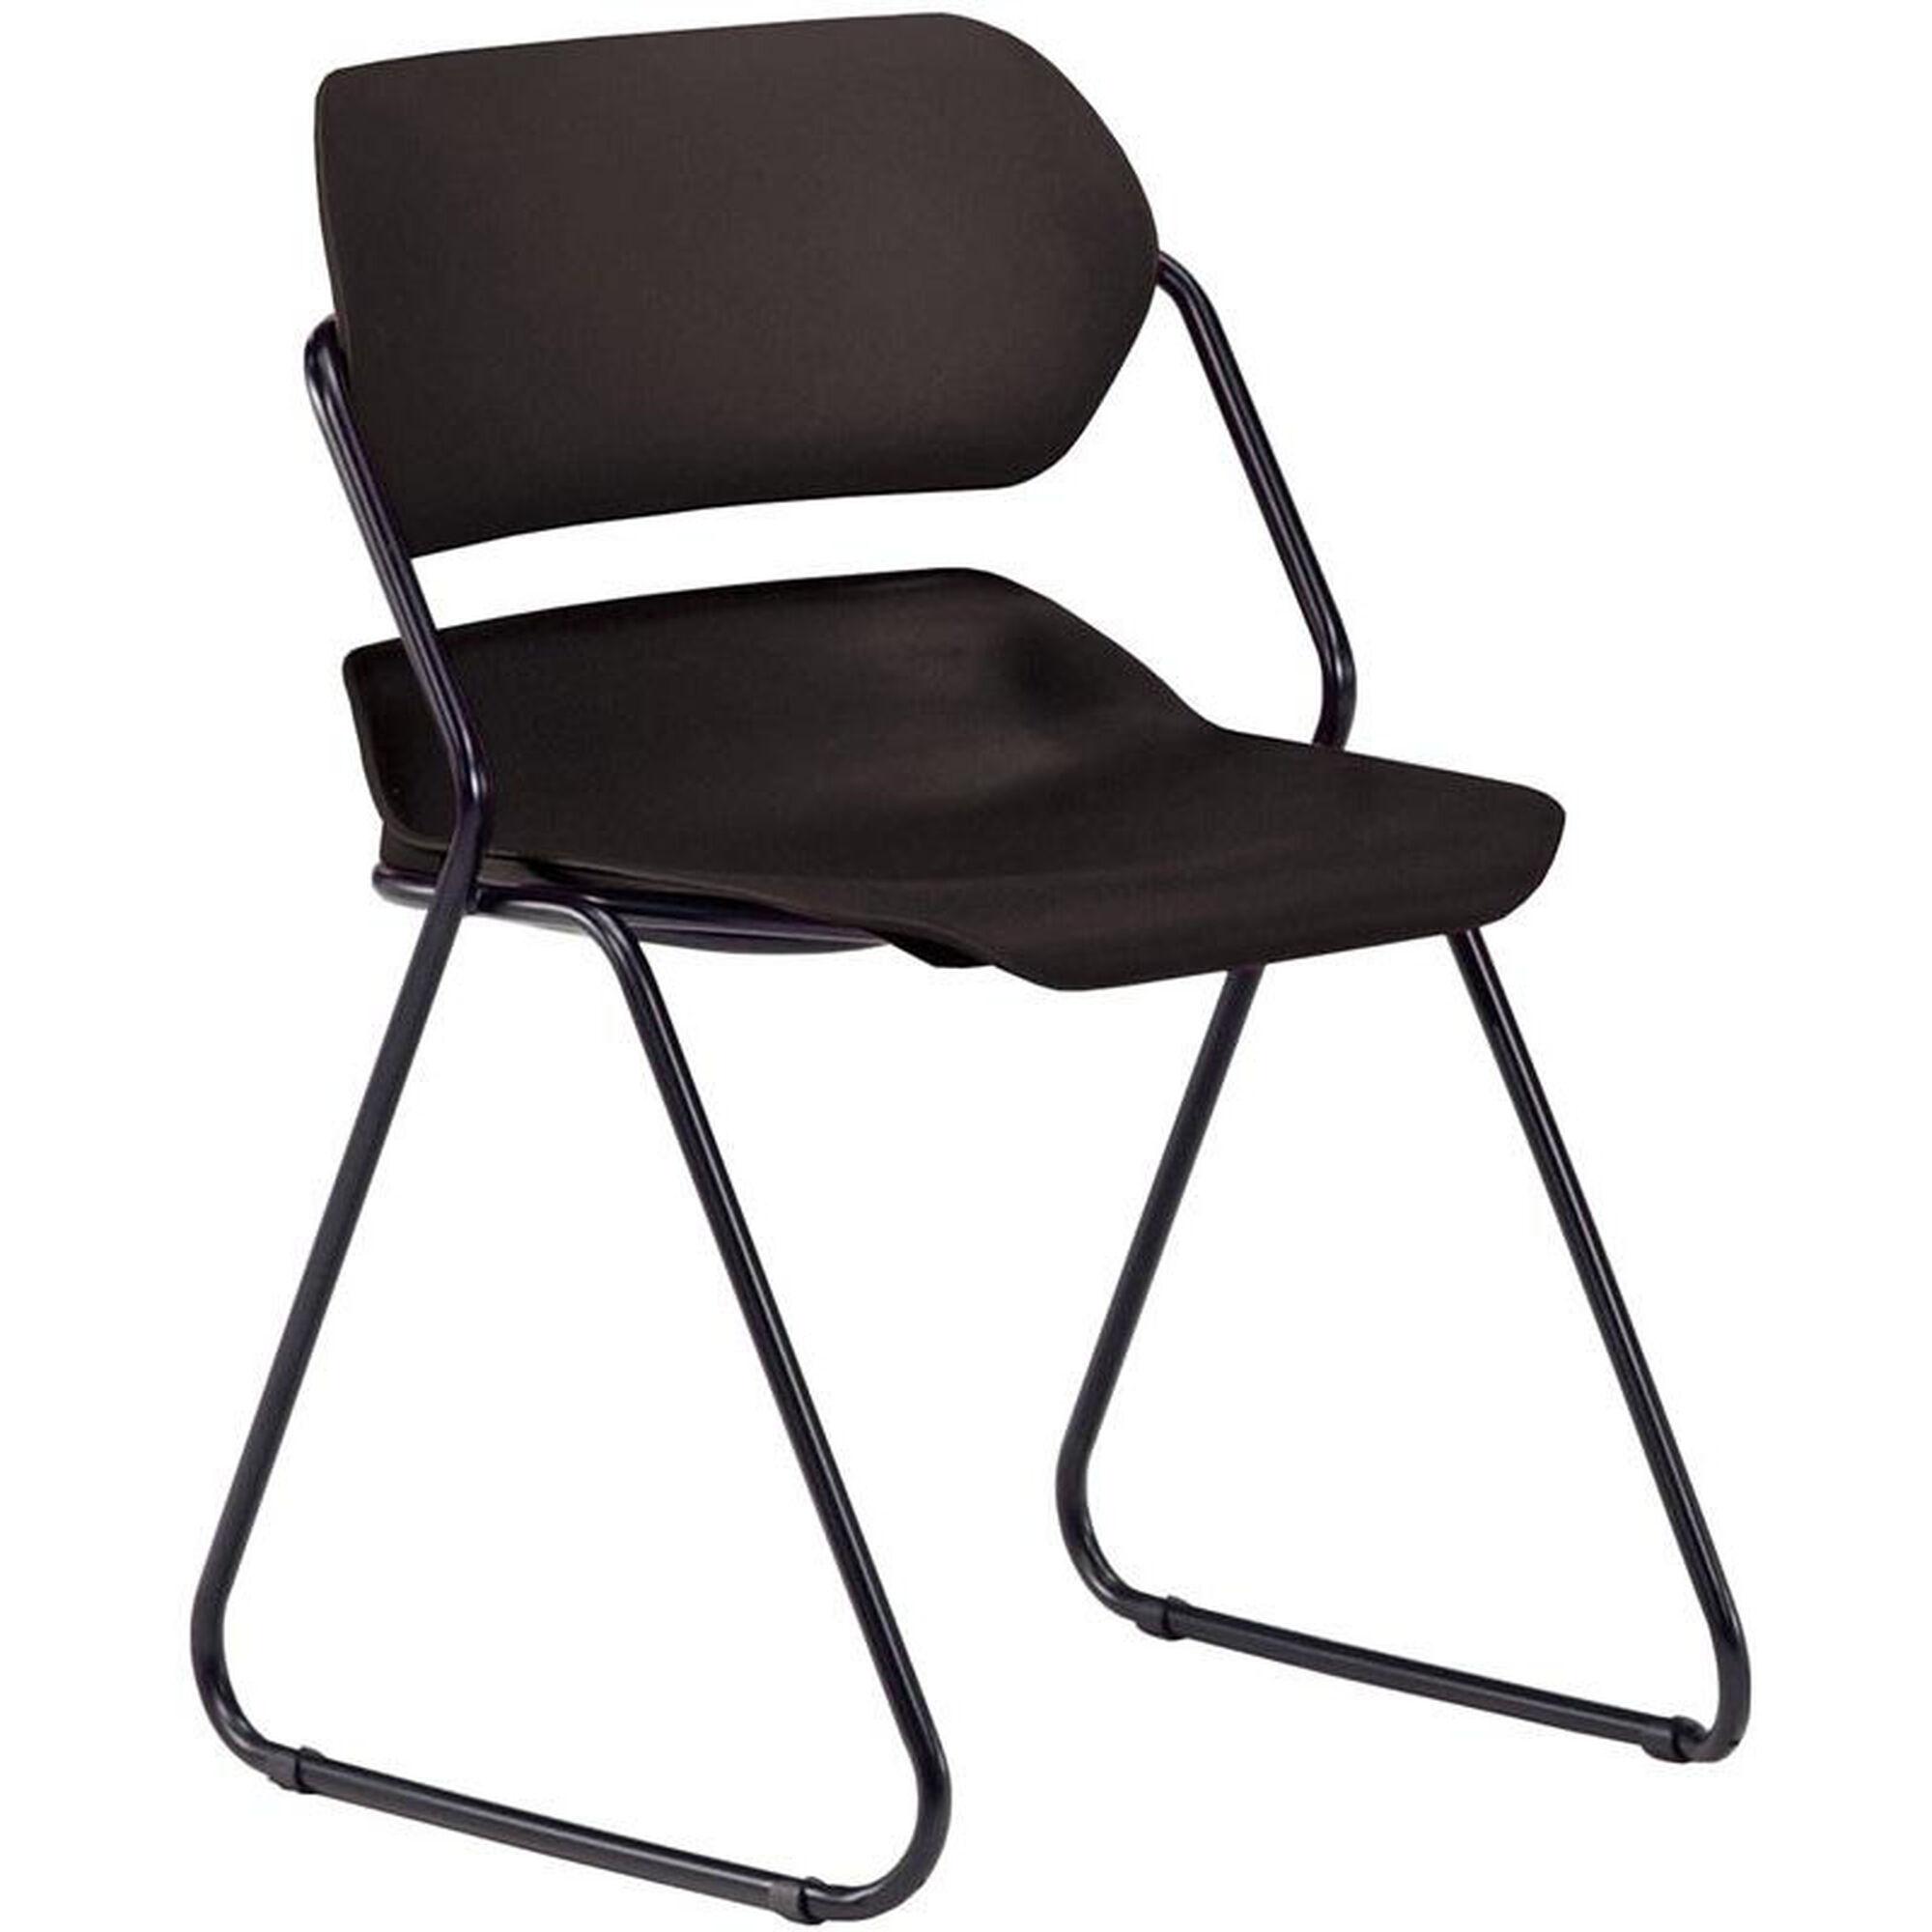 martisa plastic stack chair black 202 blk blk. Black Bedroom Furniture Sets. Home Design Ideas